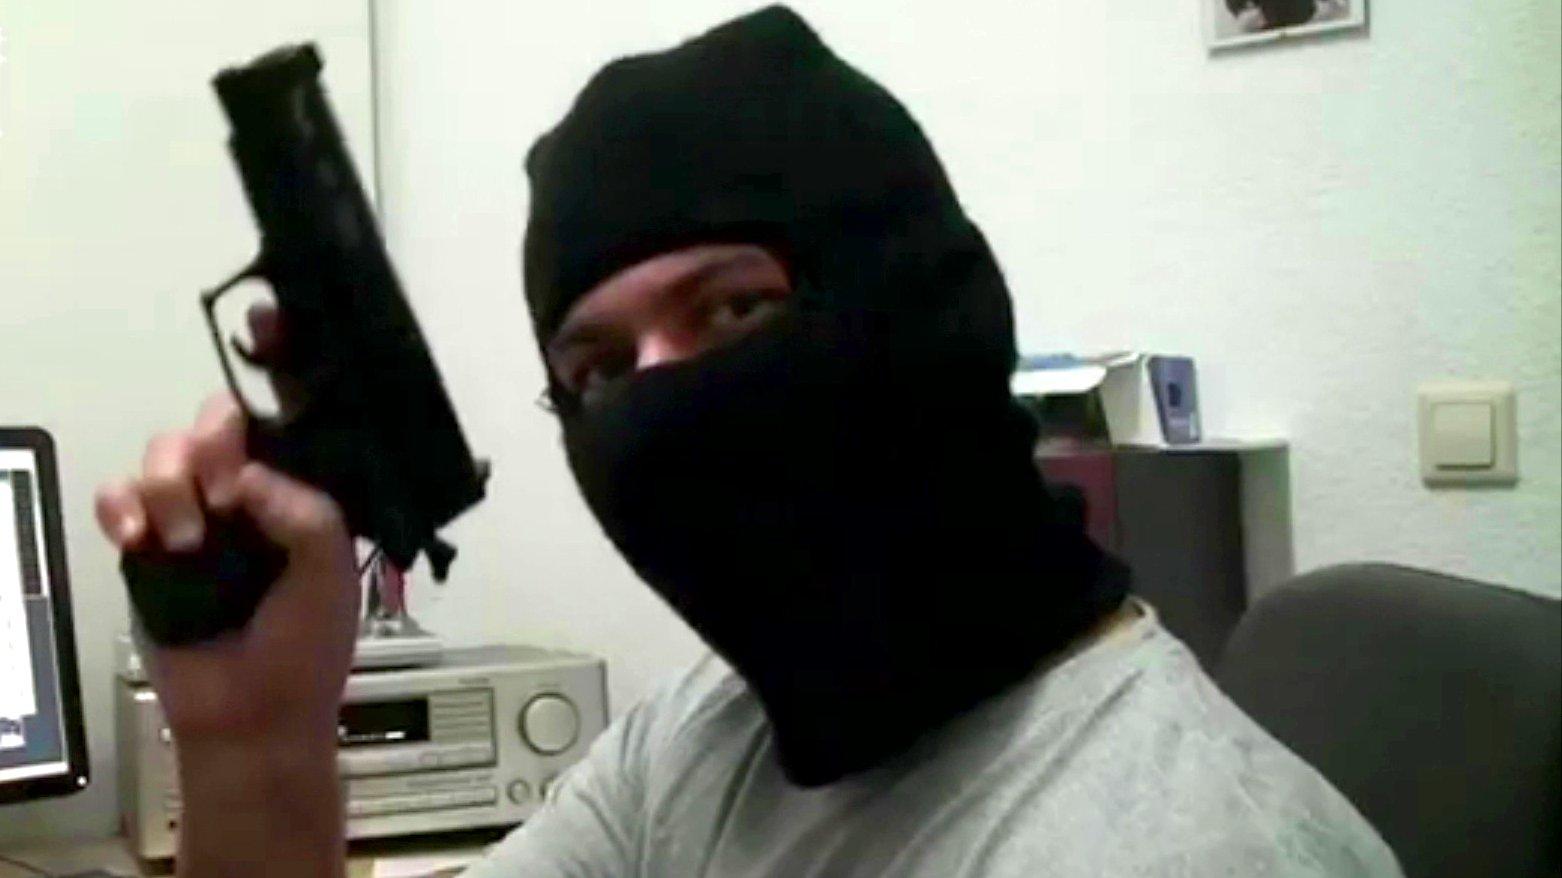 Meine Fresse - Gewalt und Politik im Deutschrap / Berliner Gangsta-Rapper Blokkmonsta, 2015.